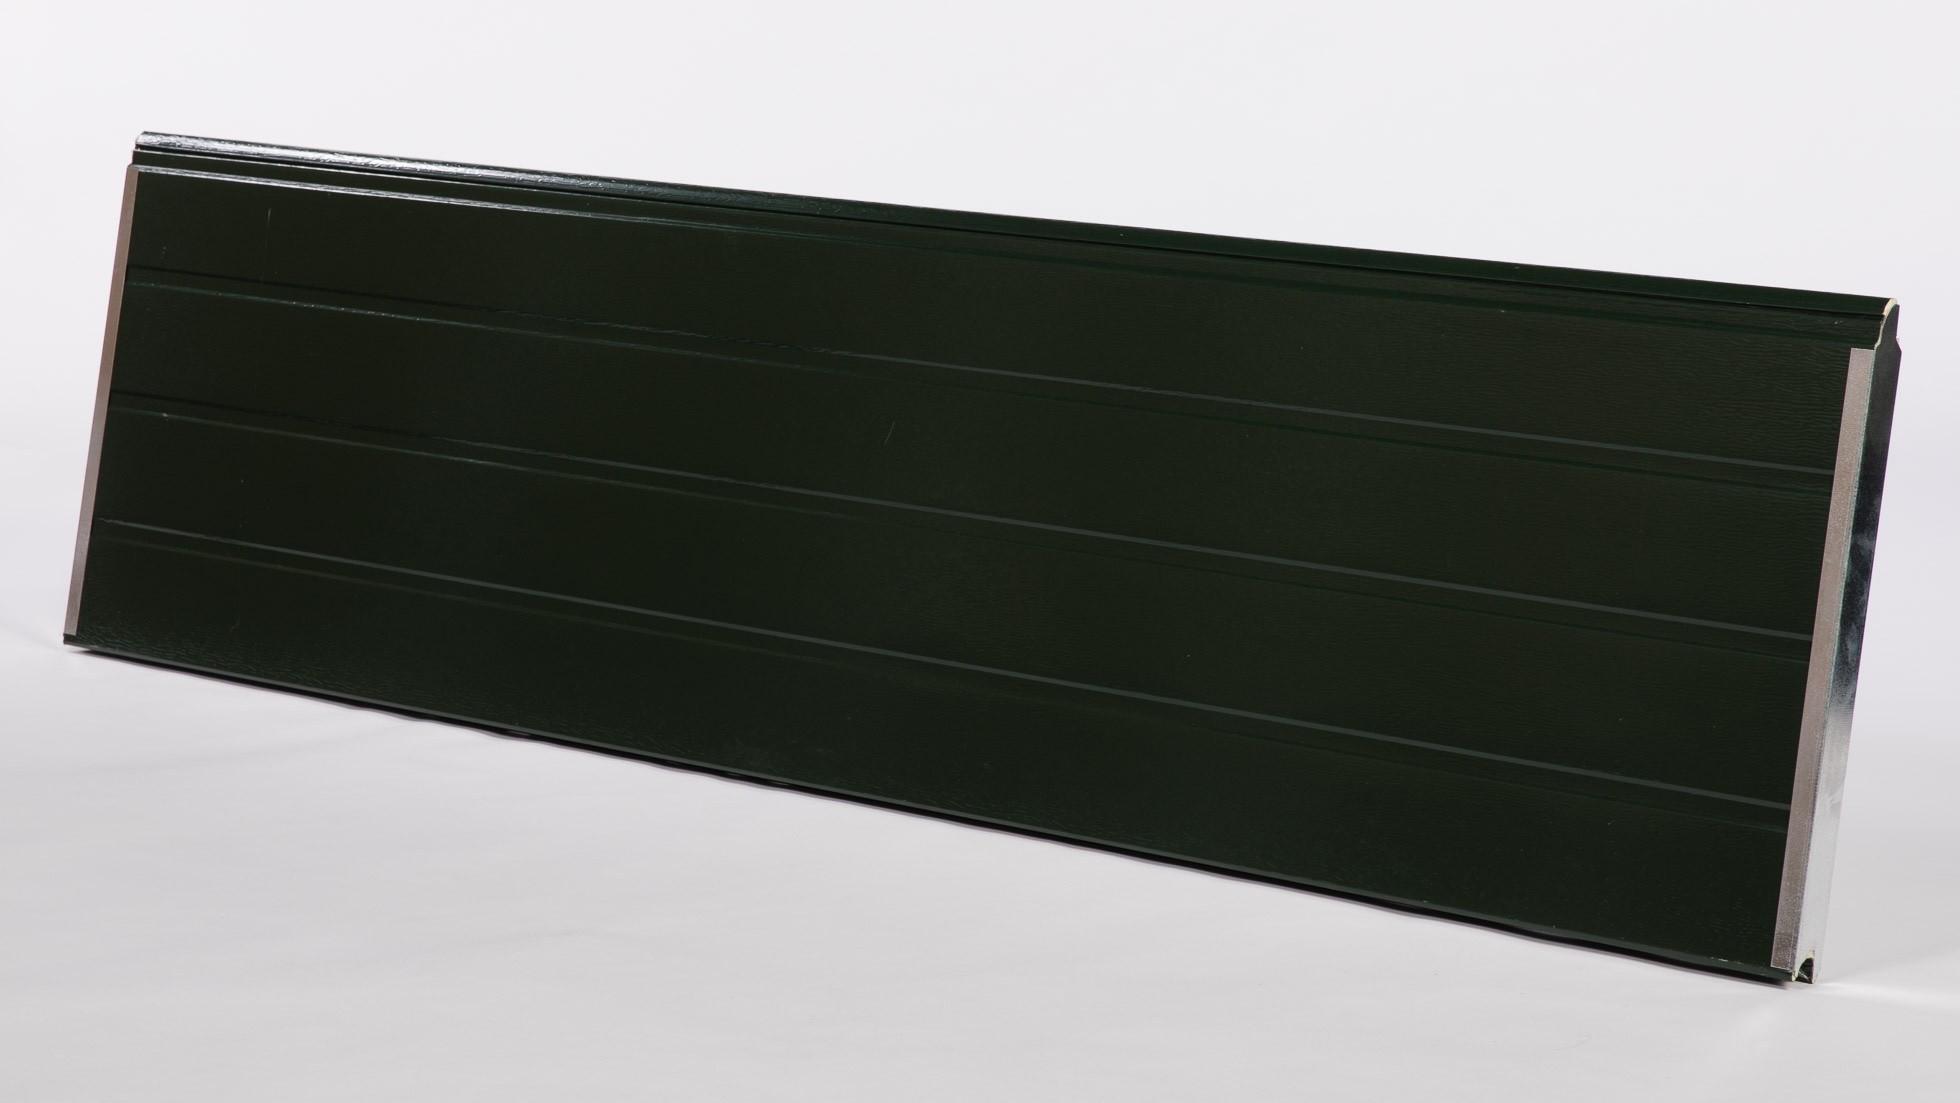 RAL 6009 plankenmotief